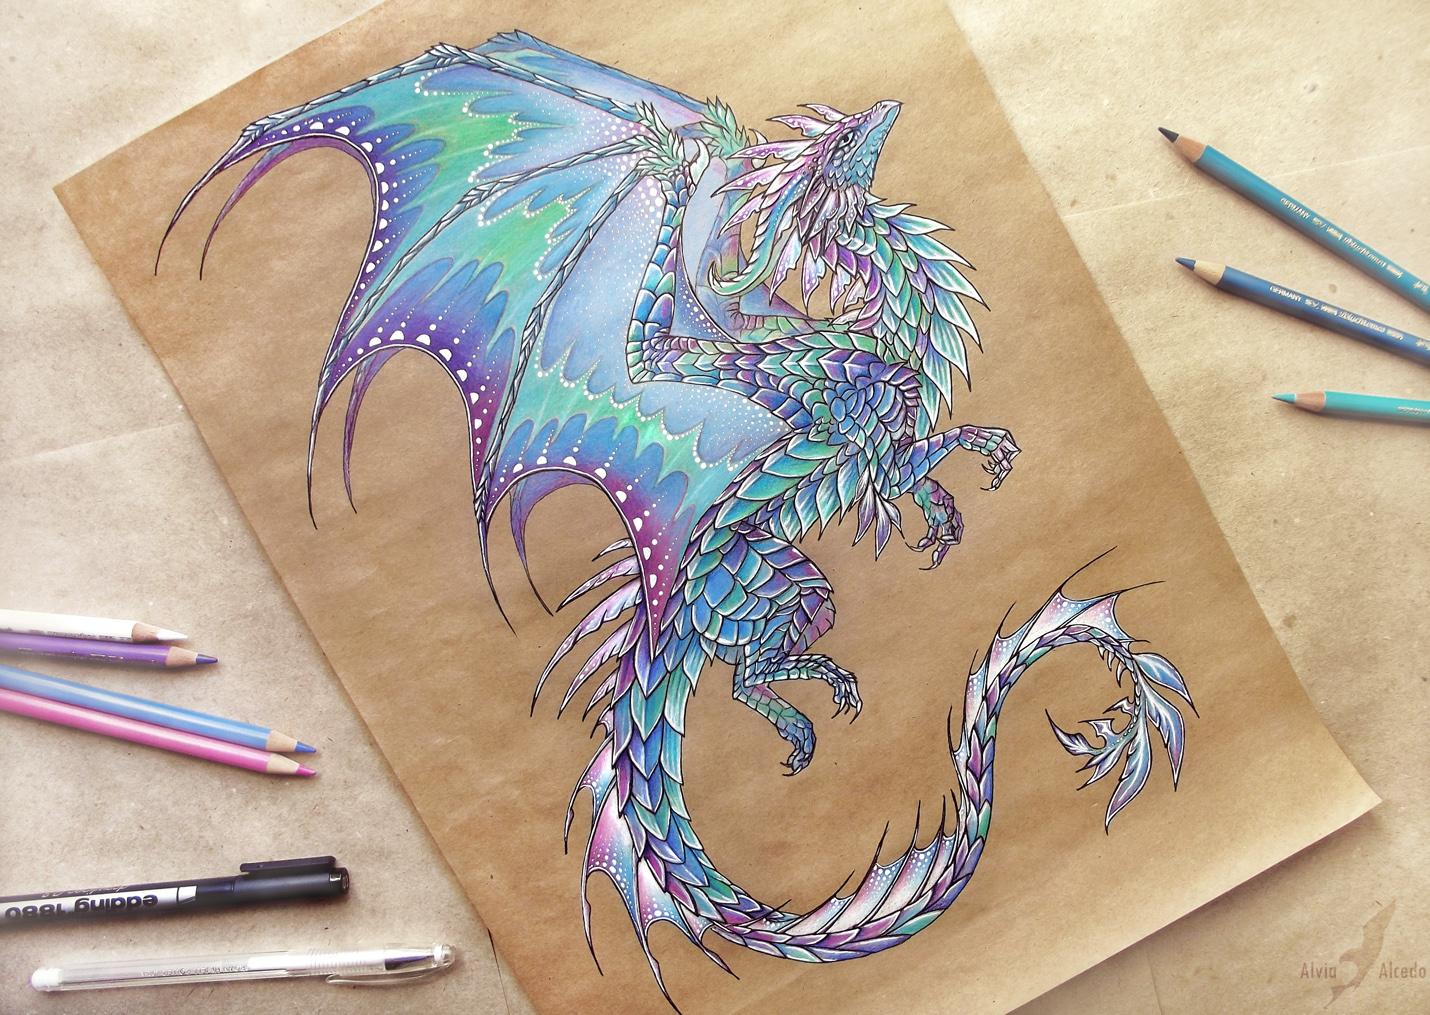 картинки драконов как они рисуют урожайность практически